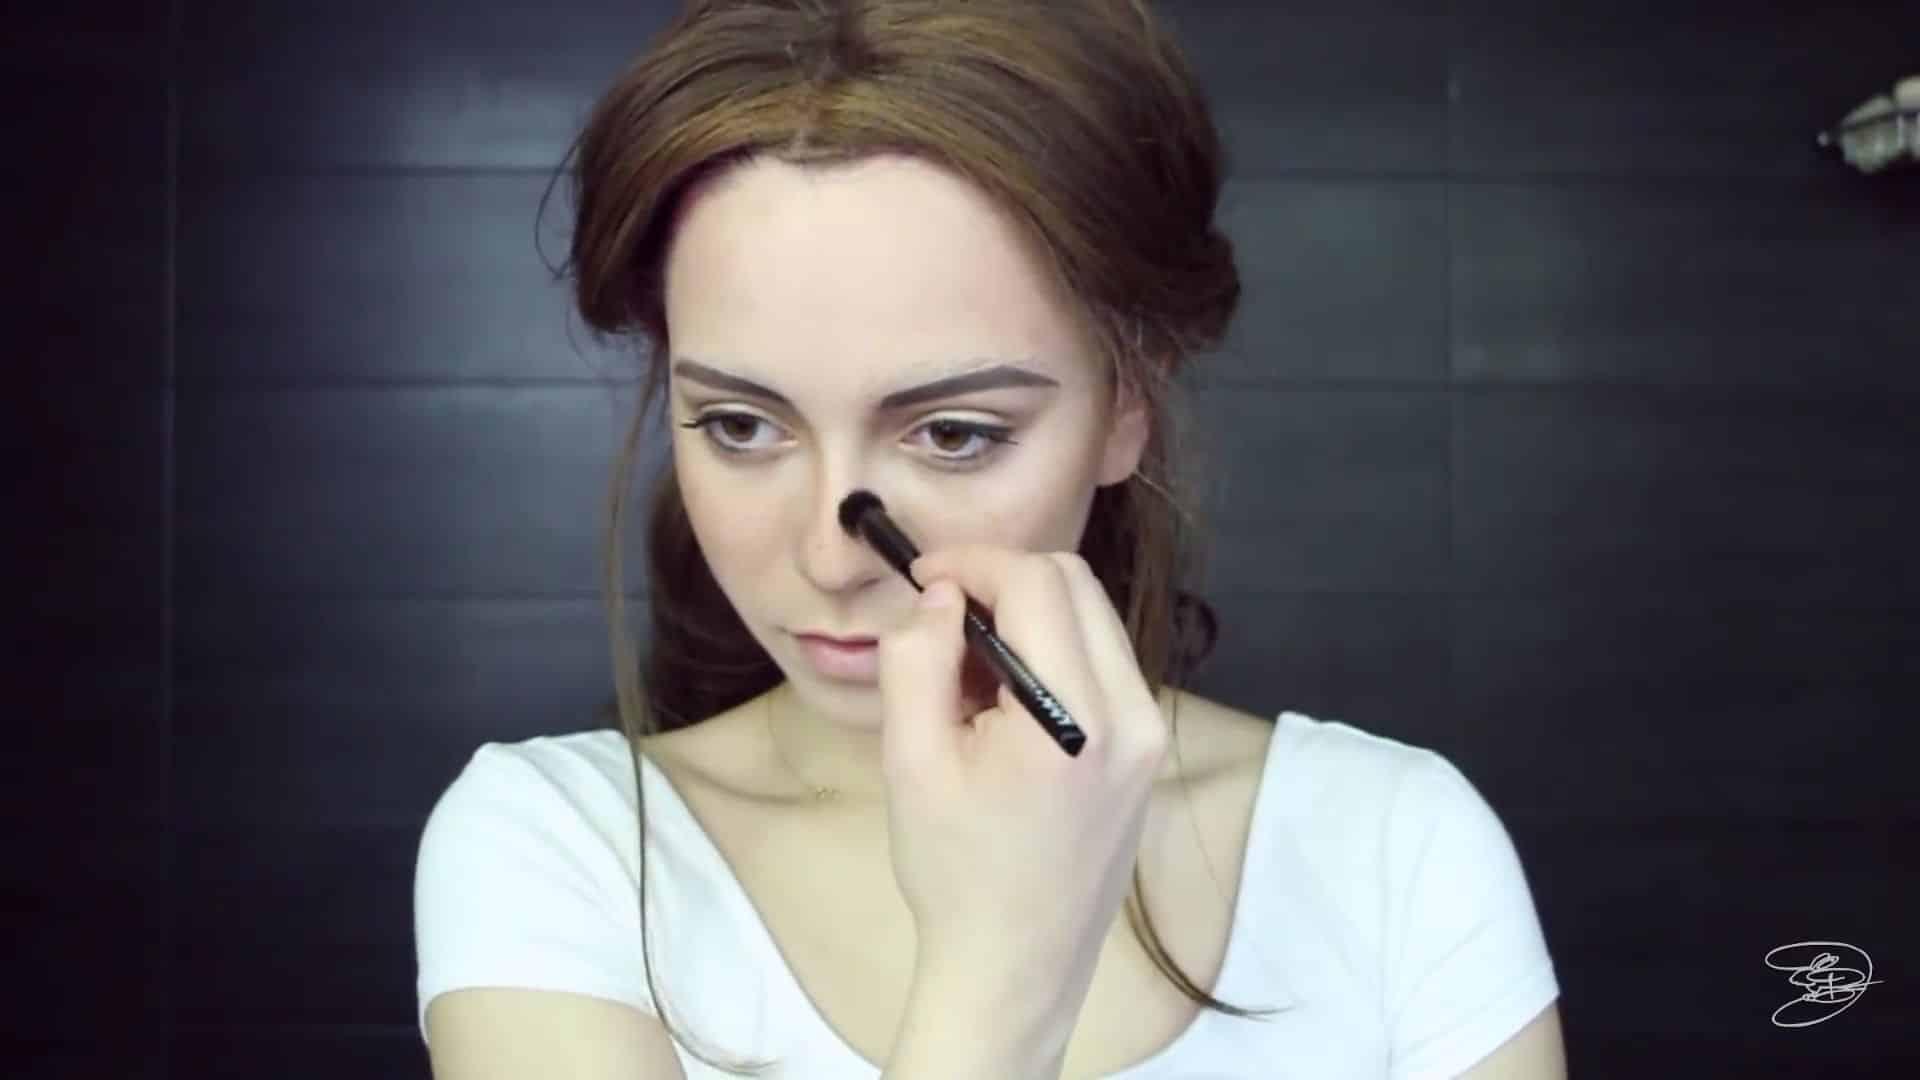 Maquíllate como la princesa la Bella de Emma Watson Jbunzie 2020, contorno de la nariz.